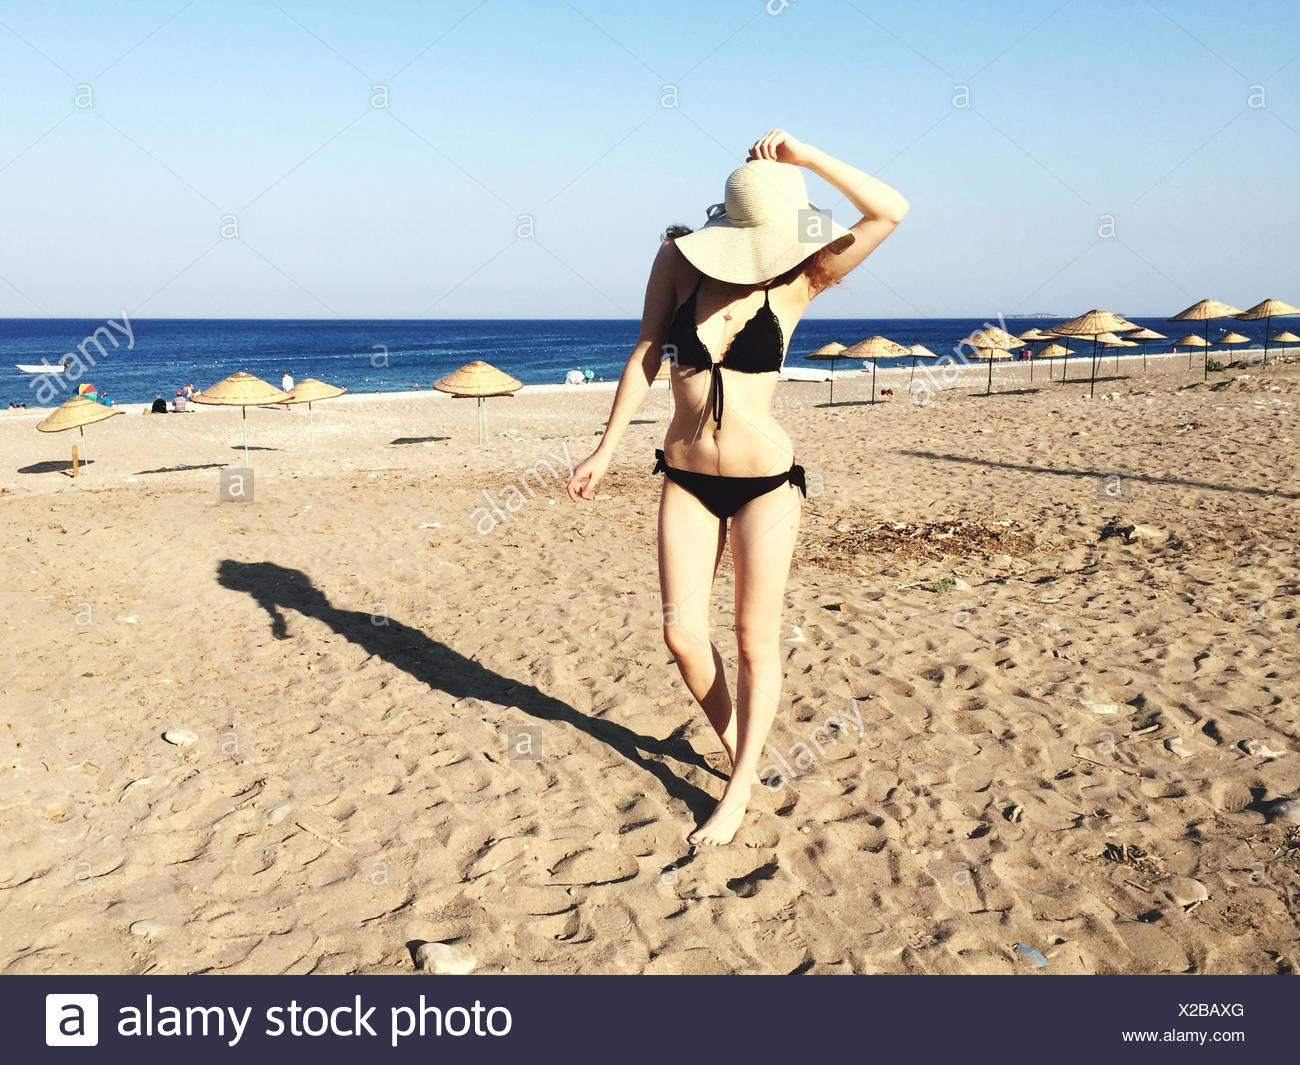 Full Length Of Beautiful Woman In Bikini On Beach During Sunny Day Stock Photo